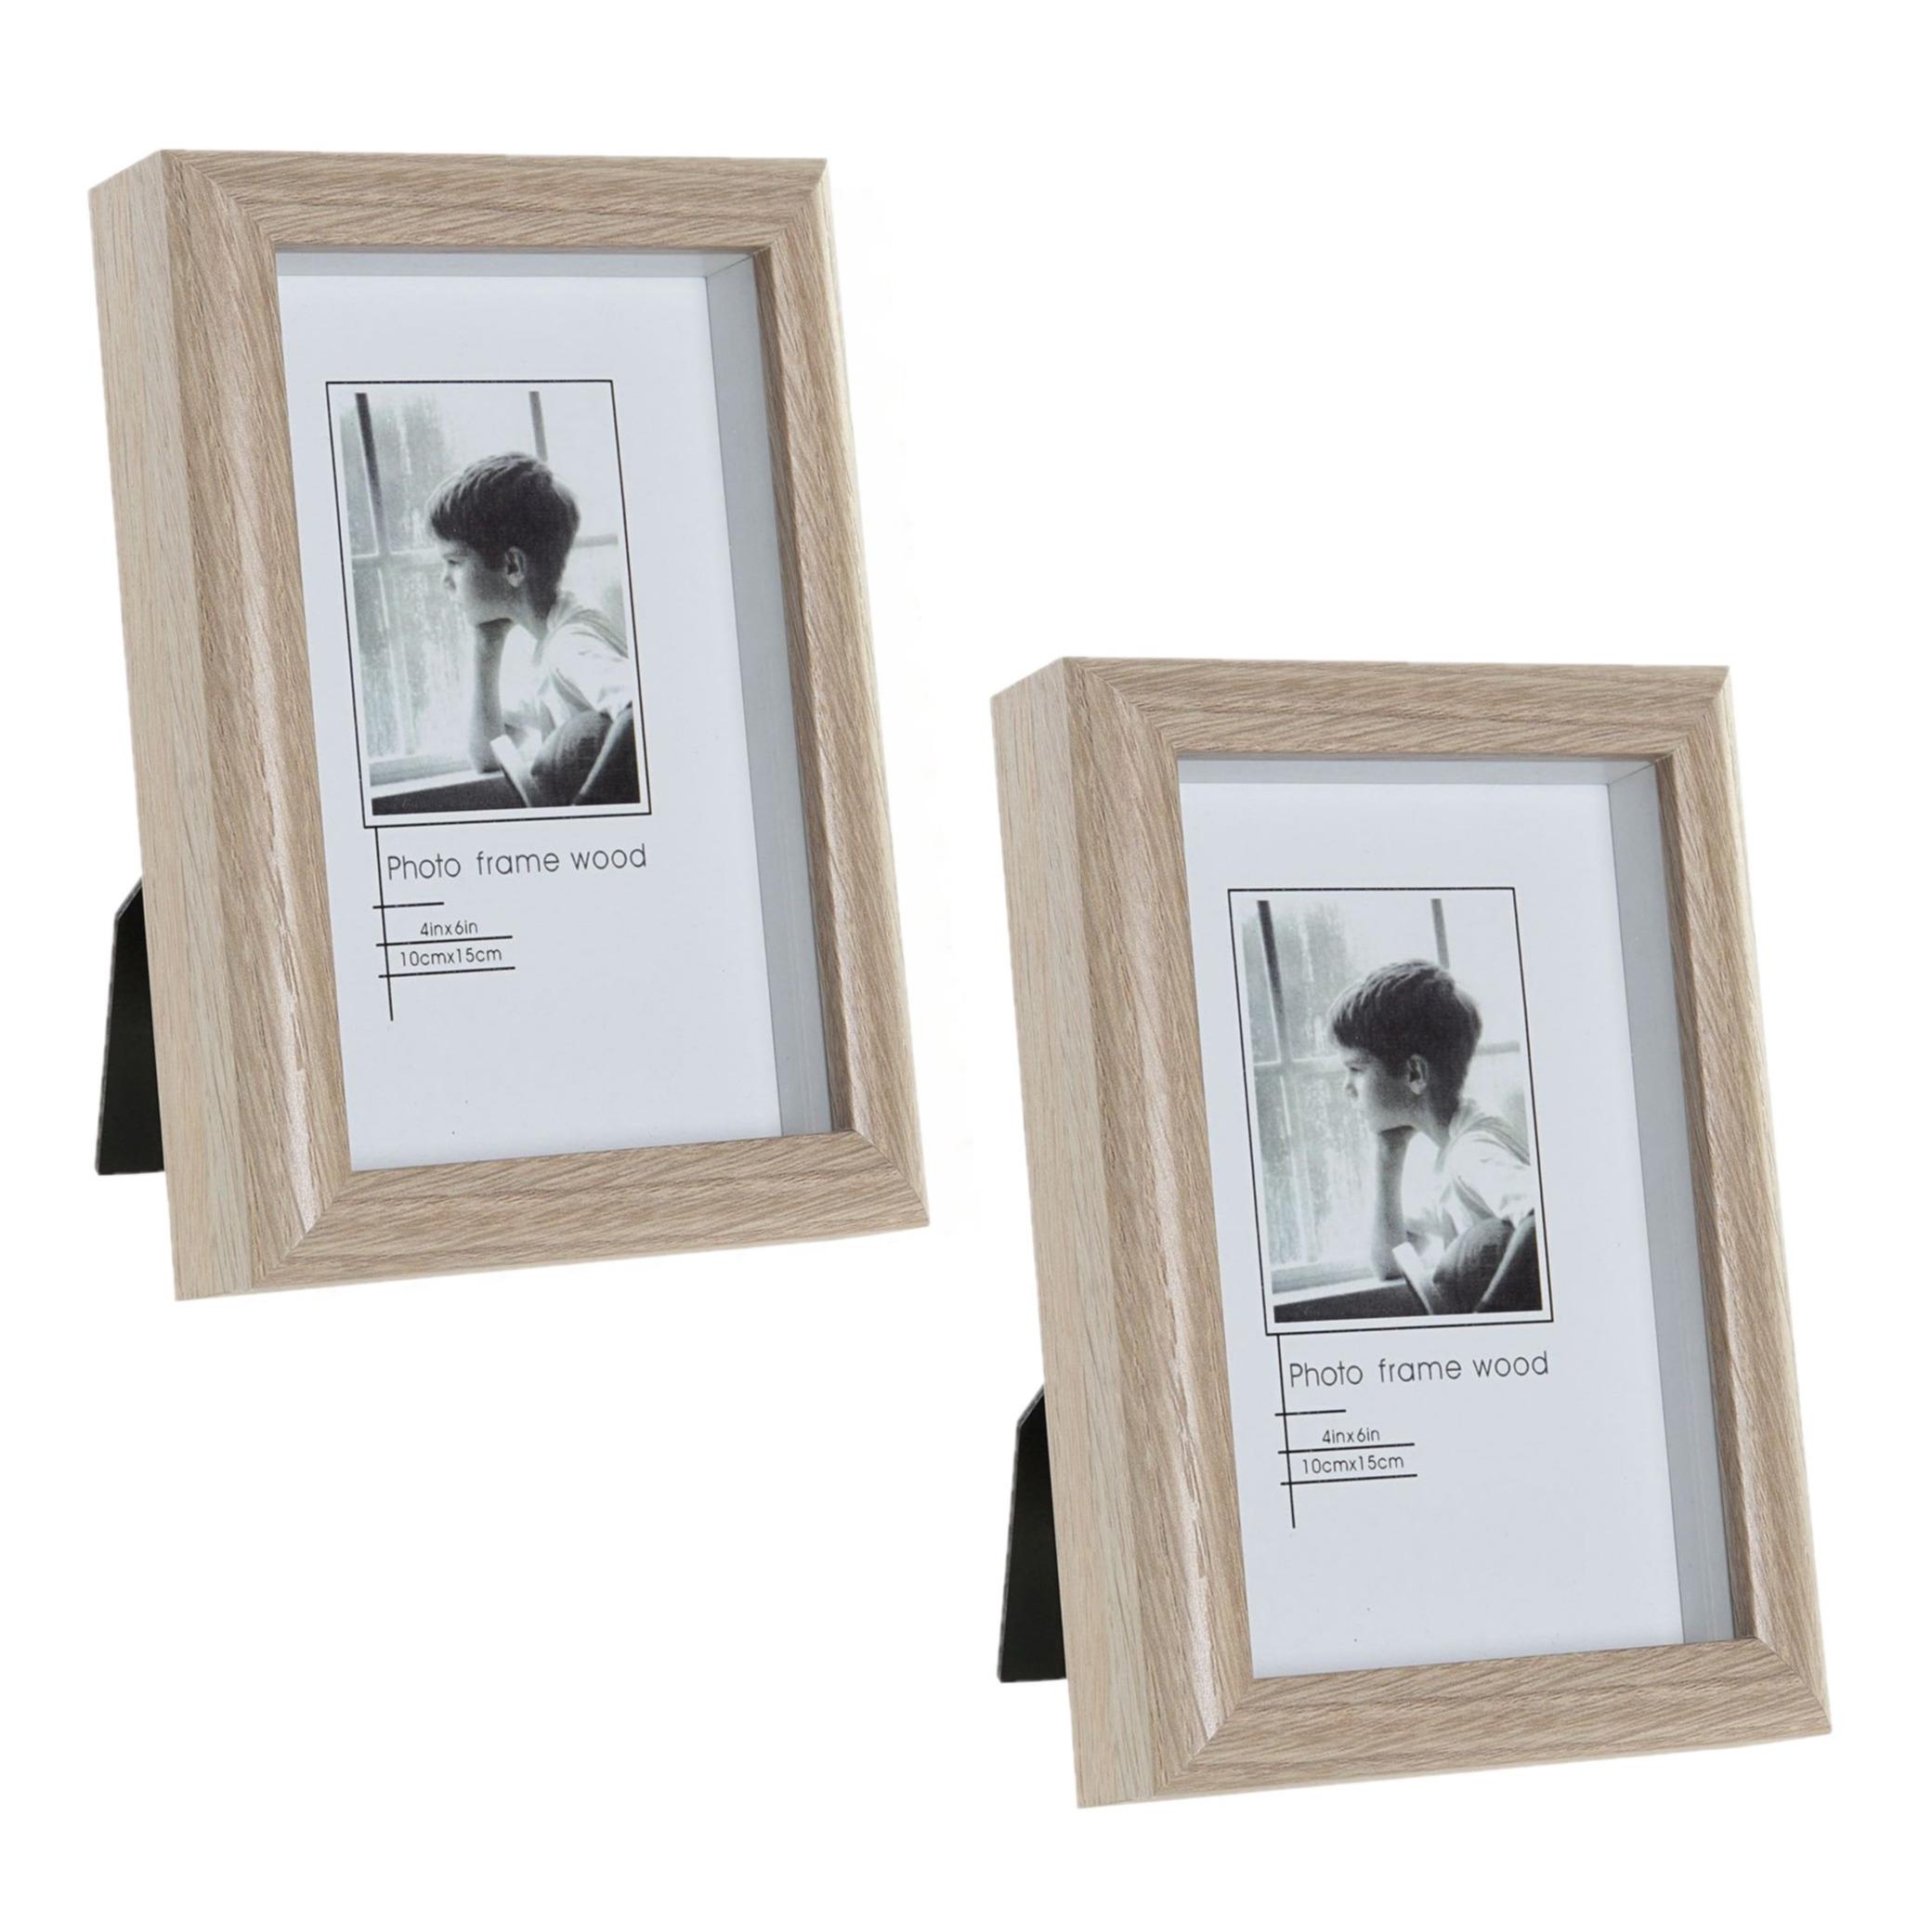 3x stuks fotolijstjes hout geschikt voor een foto van 10 x 15 cm